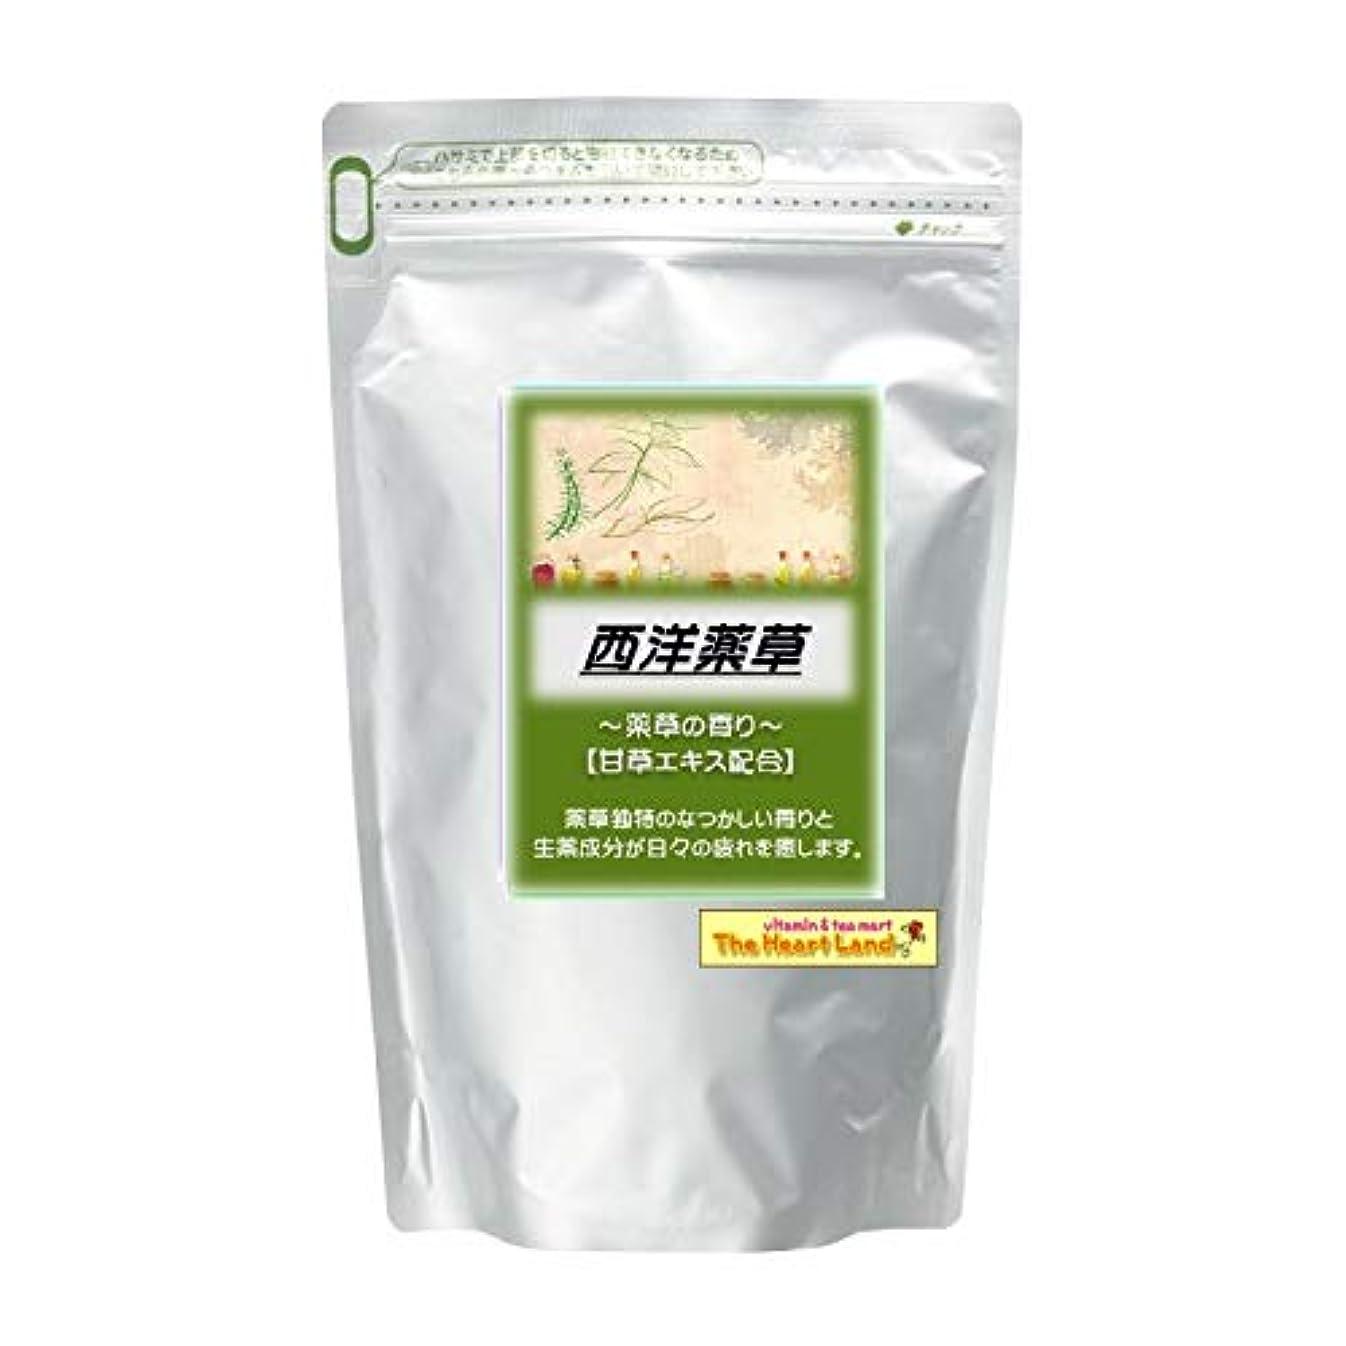 違法流用する酸化するアサヒ入浴剤 浴用入浴化粧品 西洋薬草 300g